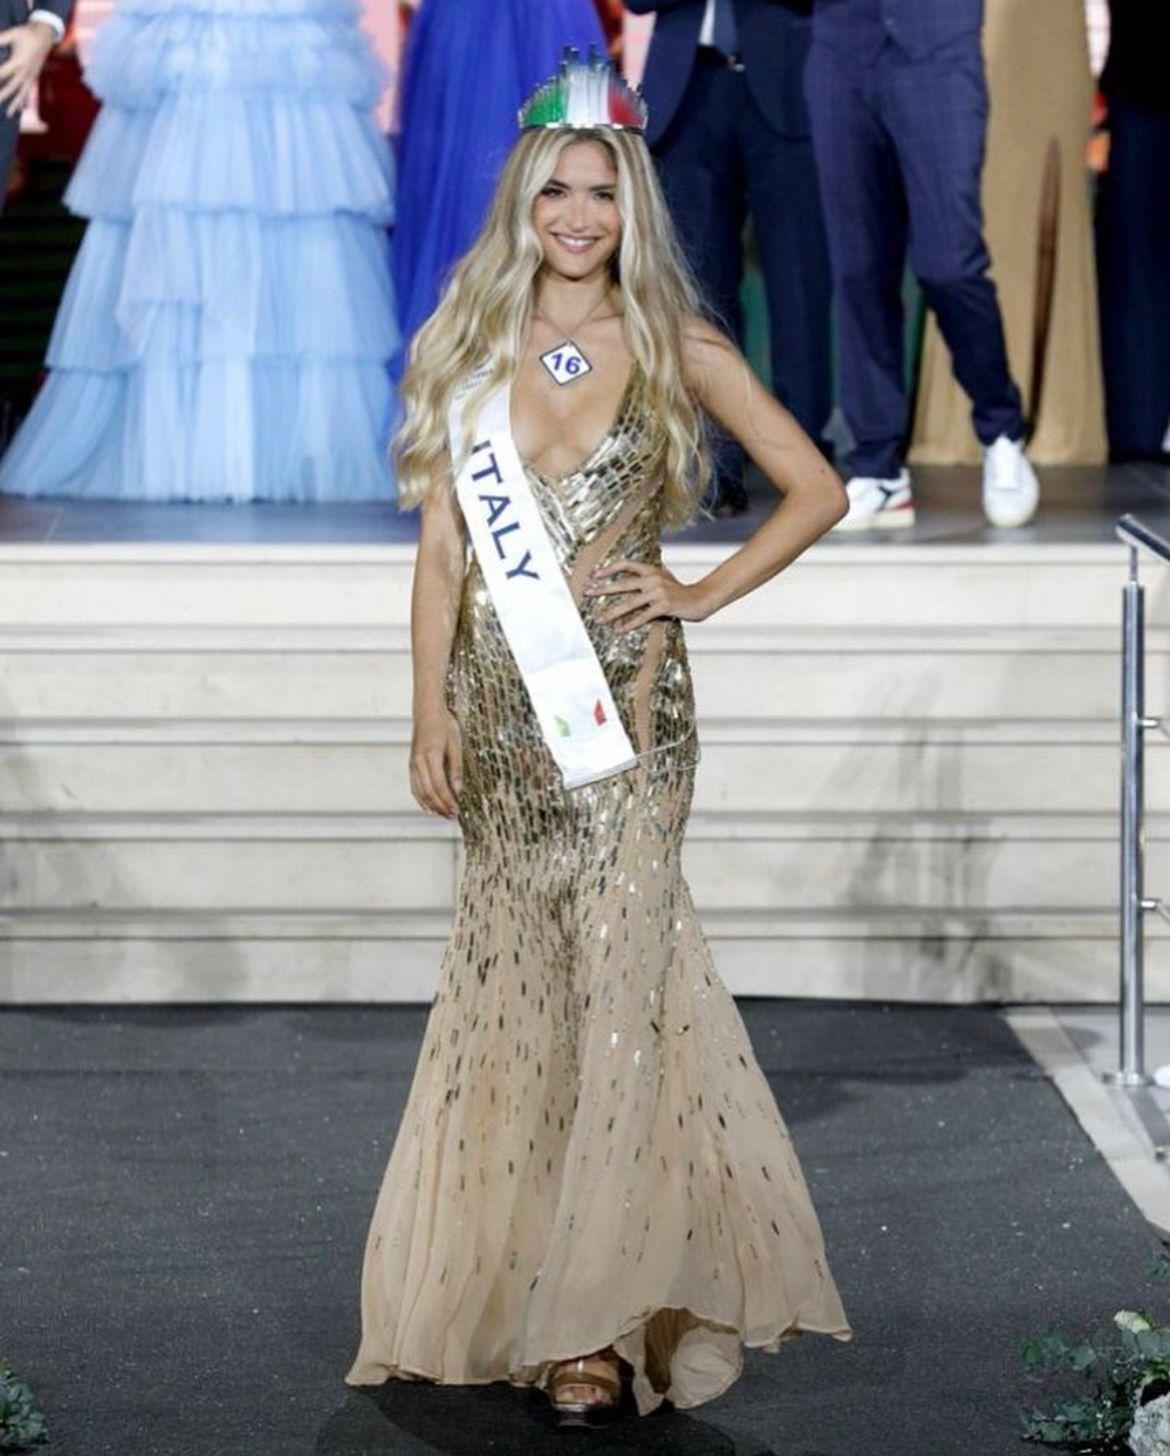 Finale nazione Miss Mondo Italia 2021 Audizione Talent 4 - 4